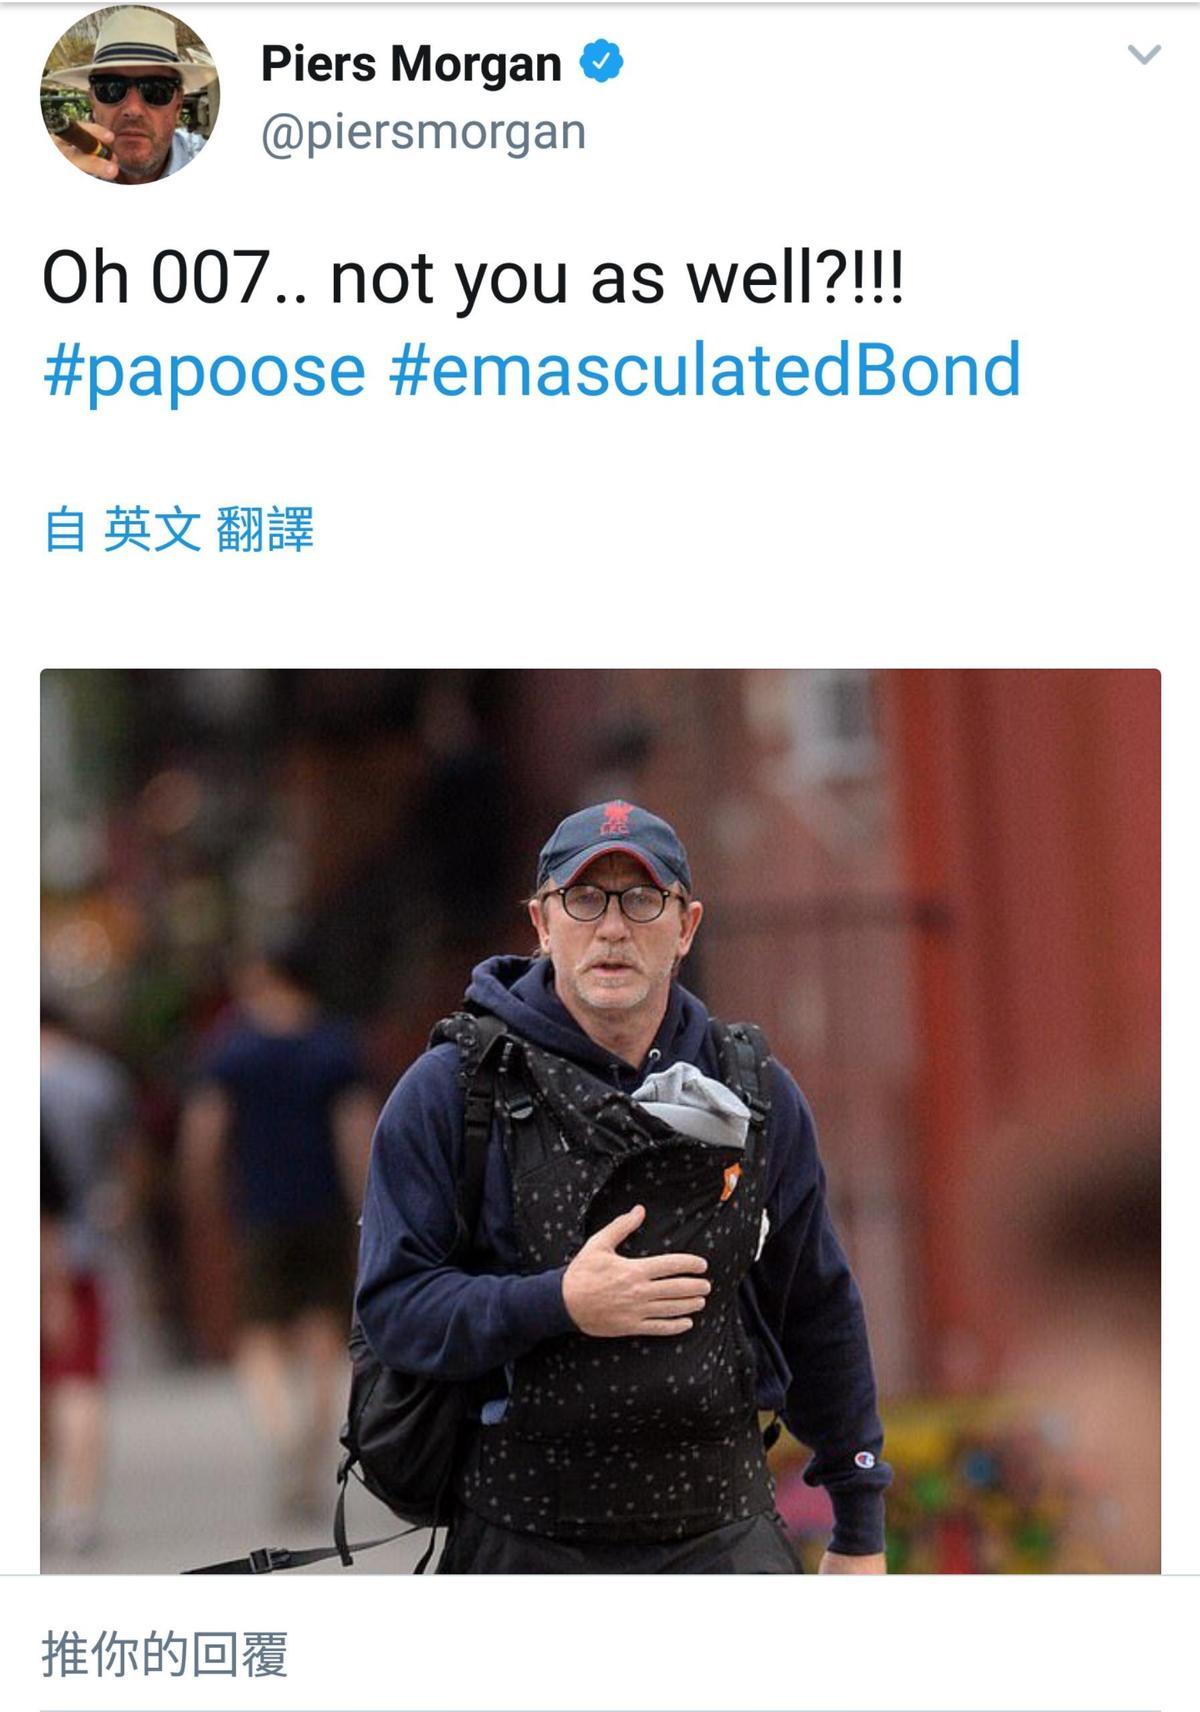 英國名嘴皮爾斯嘲笑007的這則推文,激怒了世上所有奶爸。(翻攝自皮爾斯推特)